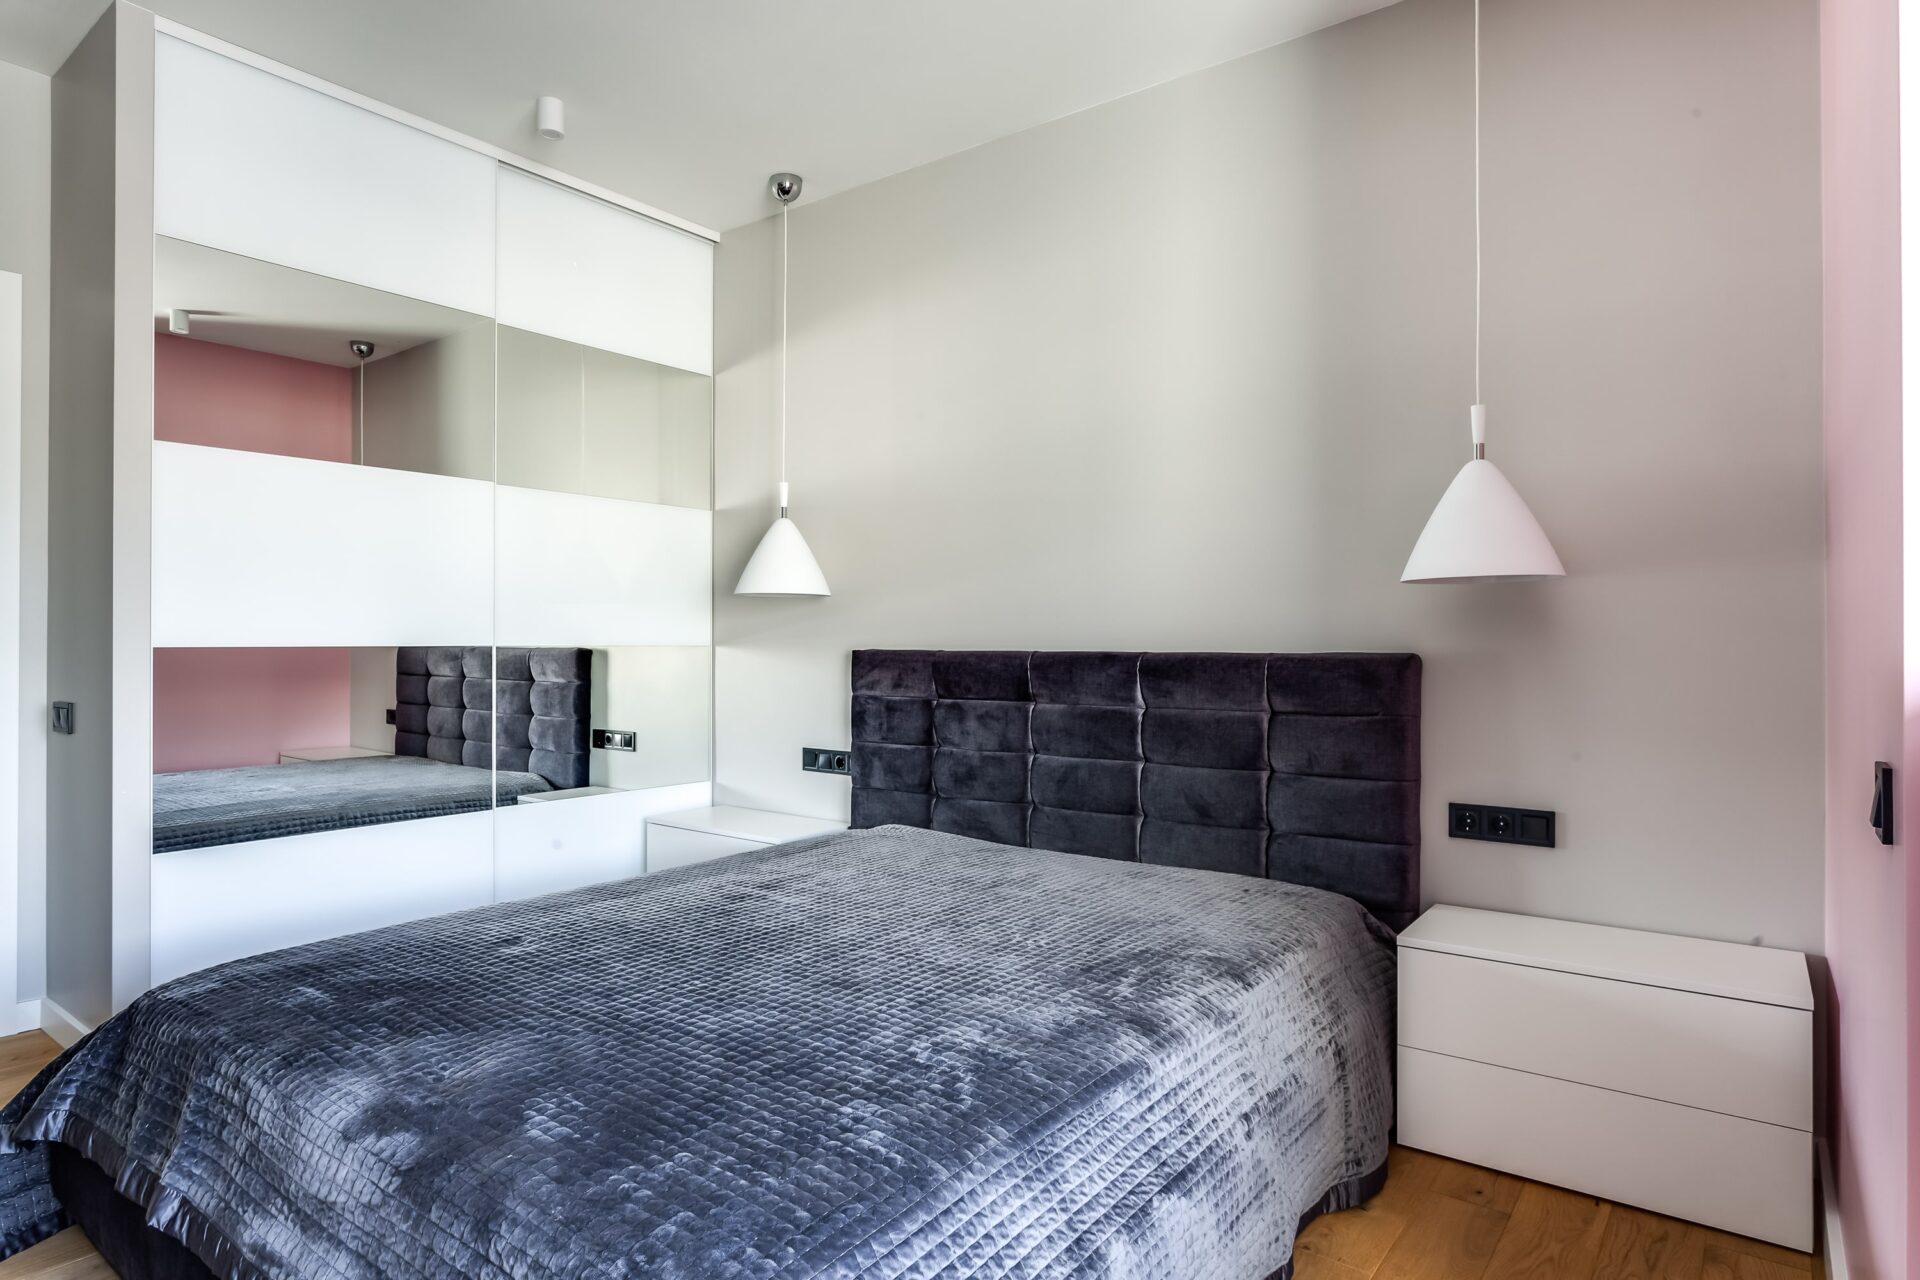 Bedroom & Children's room 525